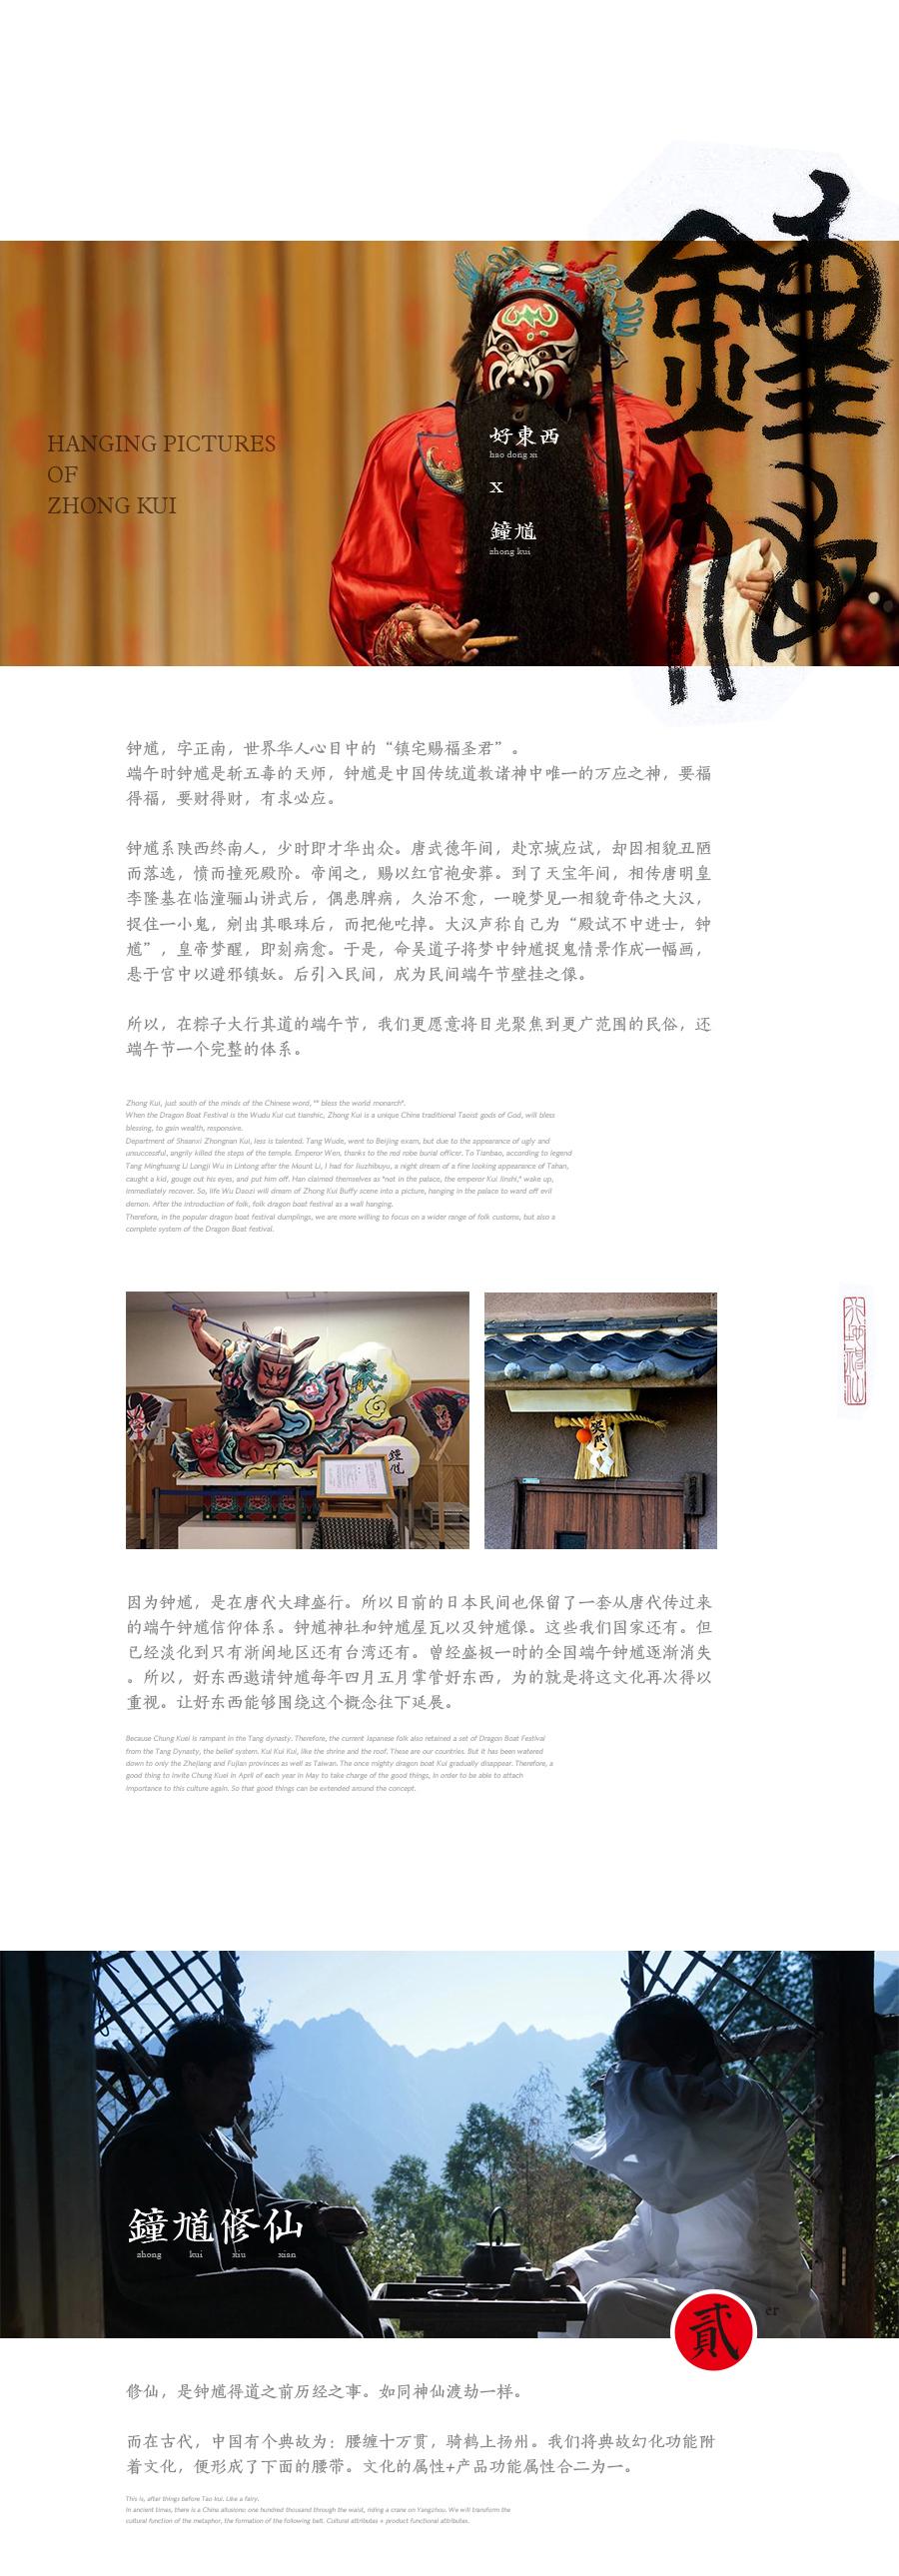 查看《好东西钟馗杂货夜堂》原图,原图尺寸:900x2579